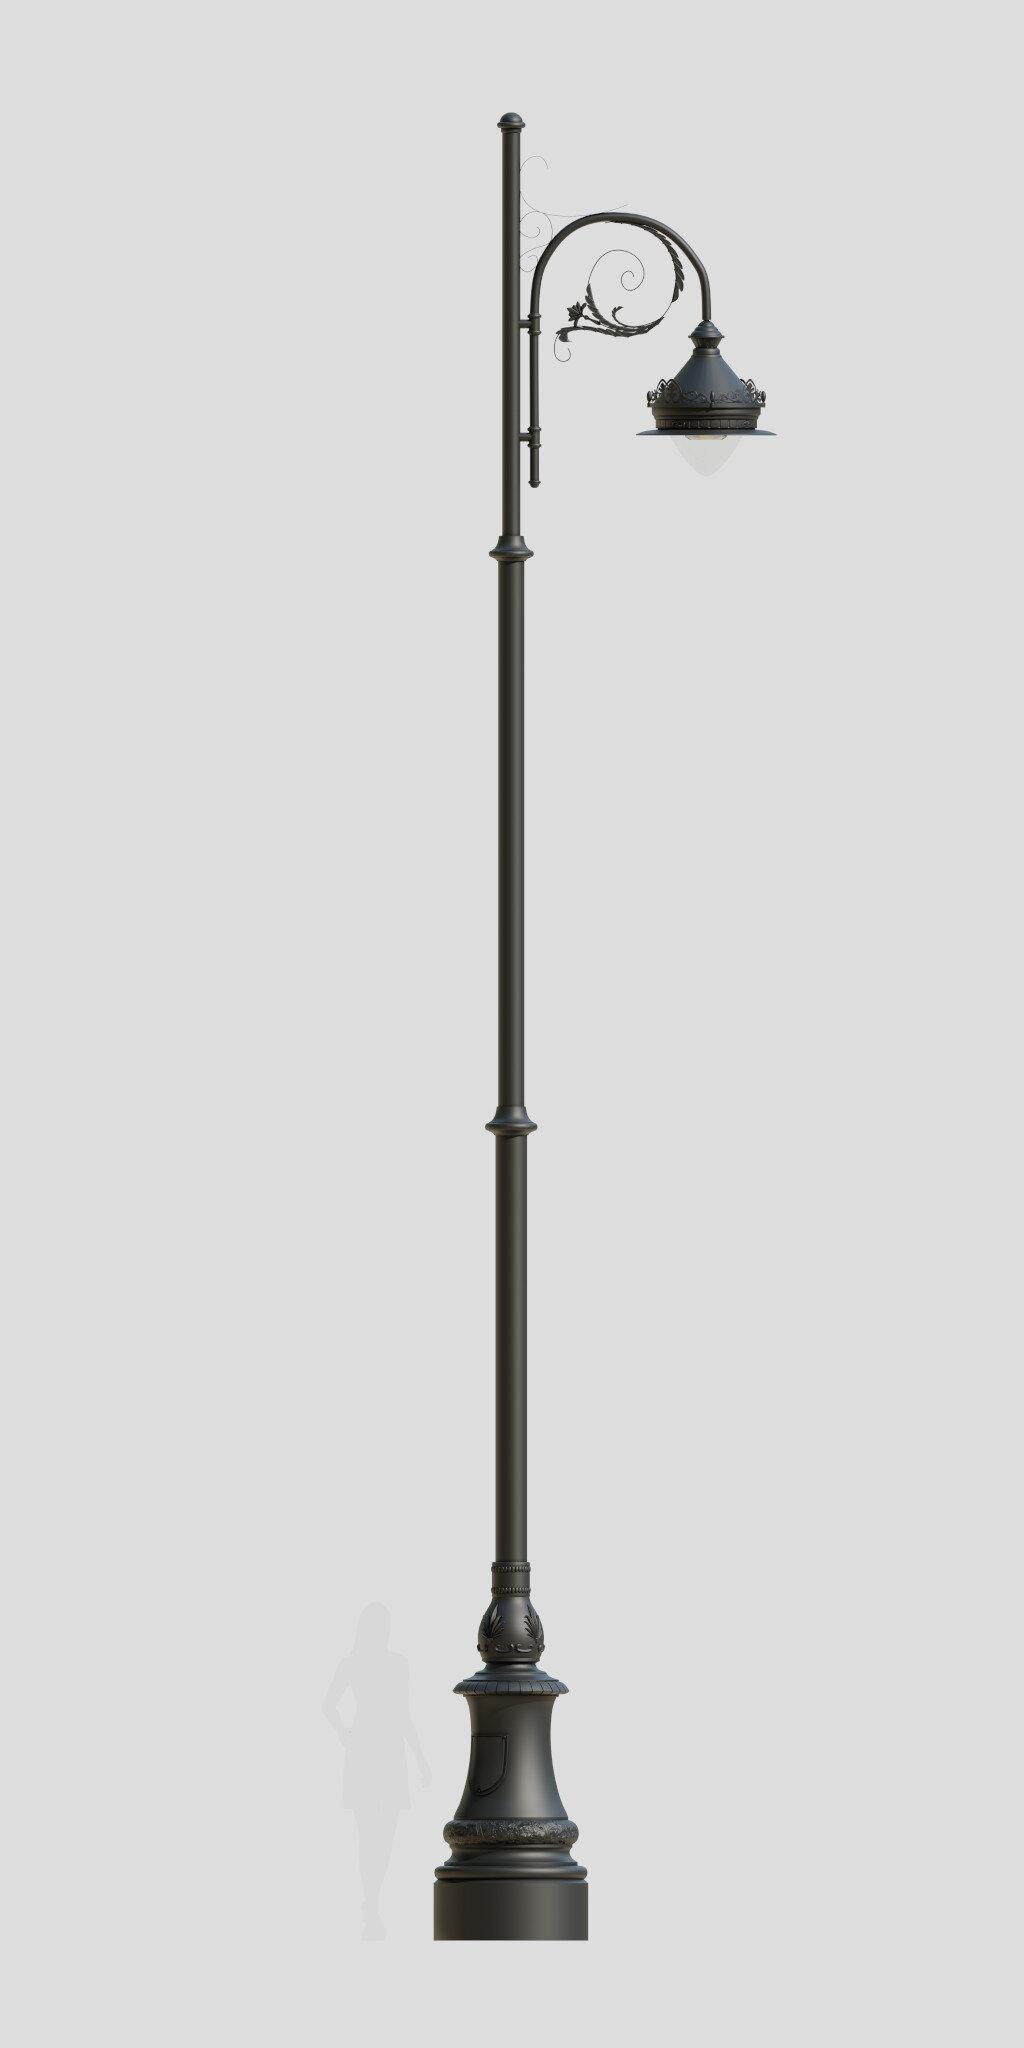 ekskluzywna latarnia uliczna, latarnia LED, oświetlenie miejskie, królewska latarnia